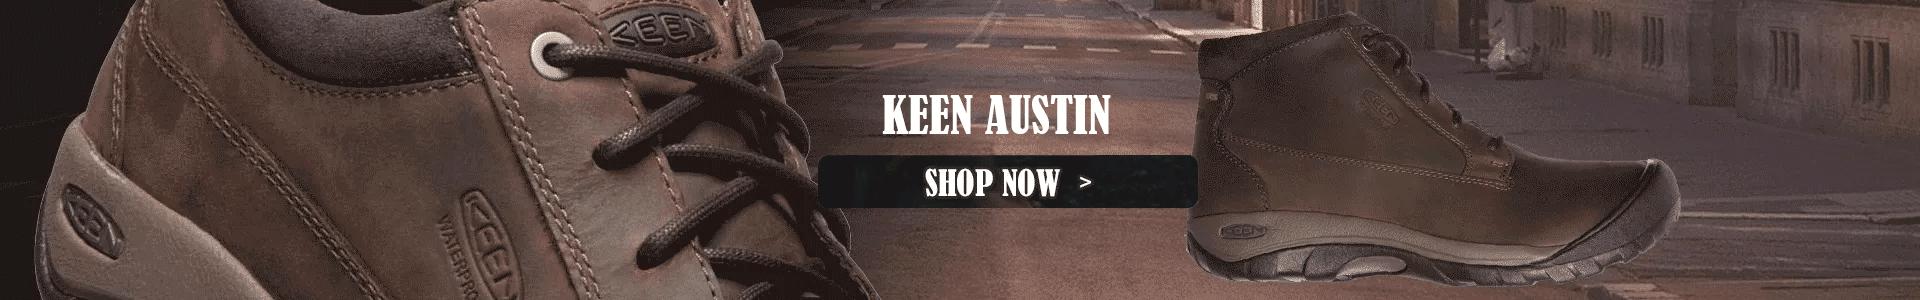 Shop Keen Austin